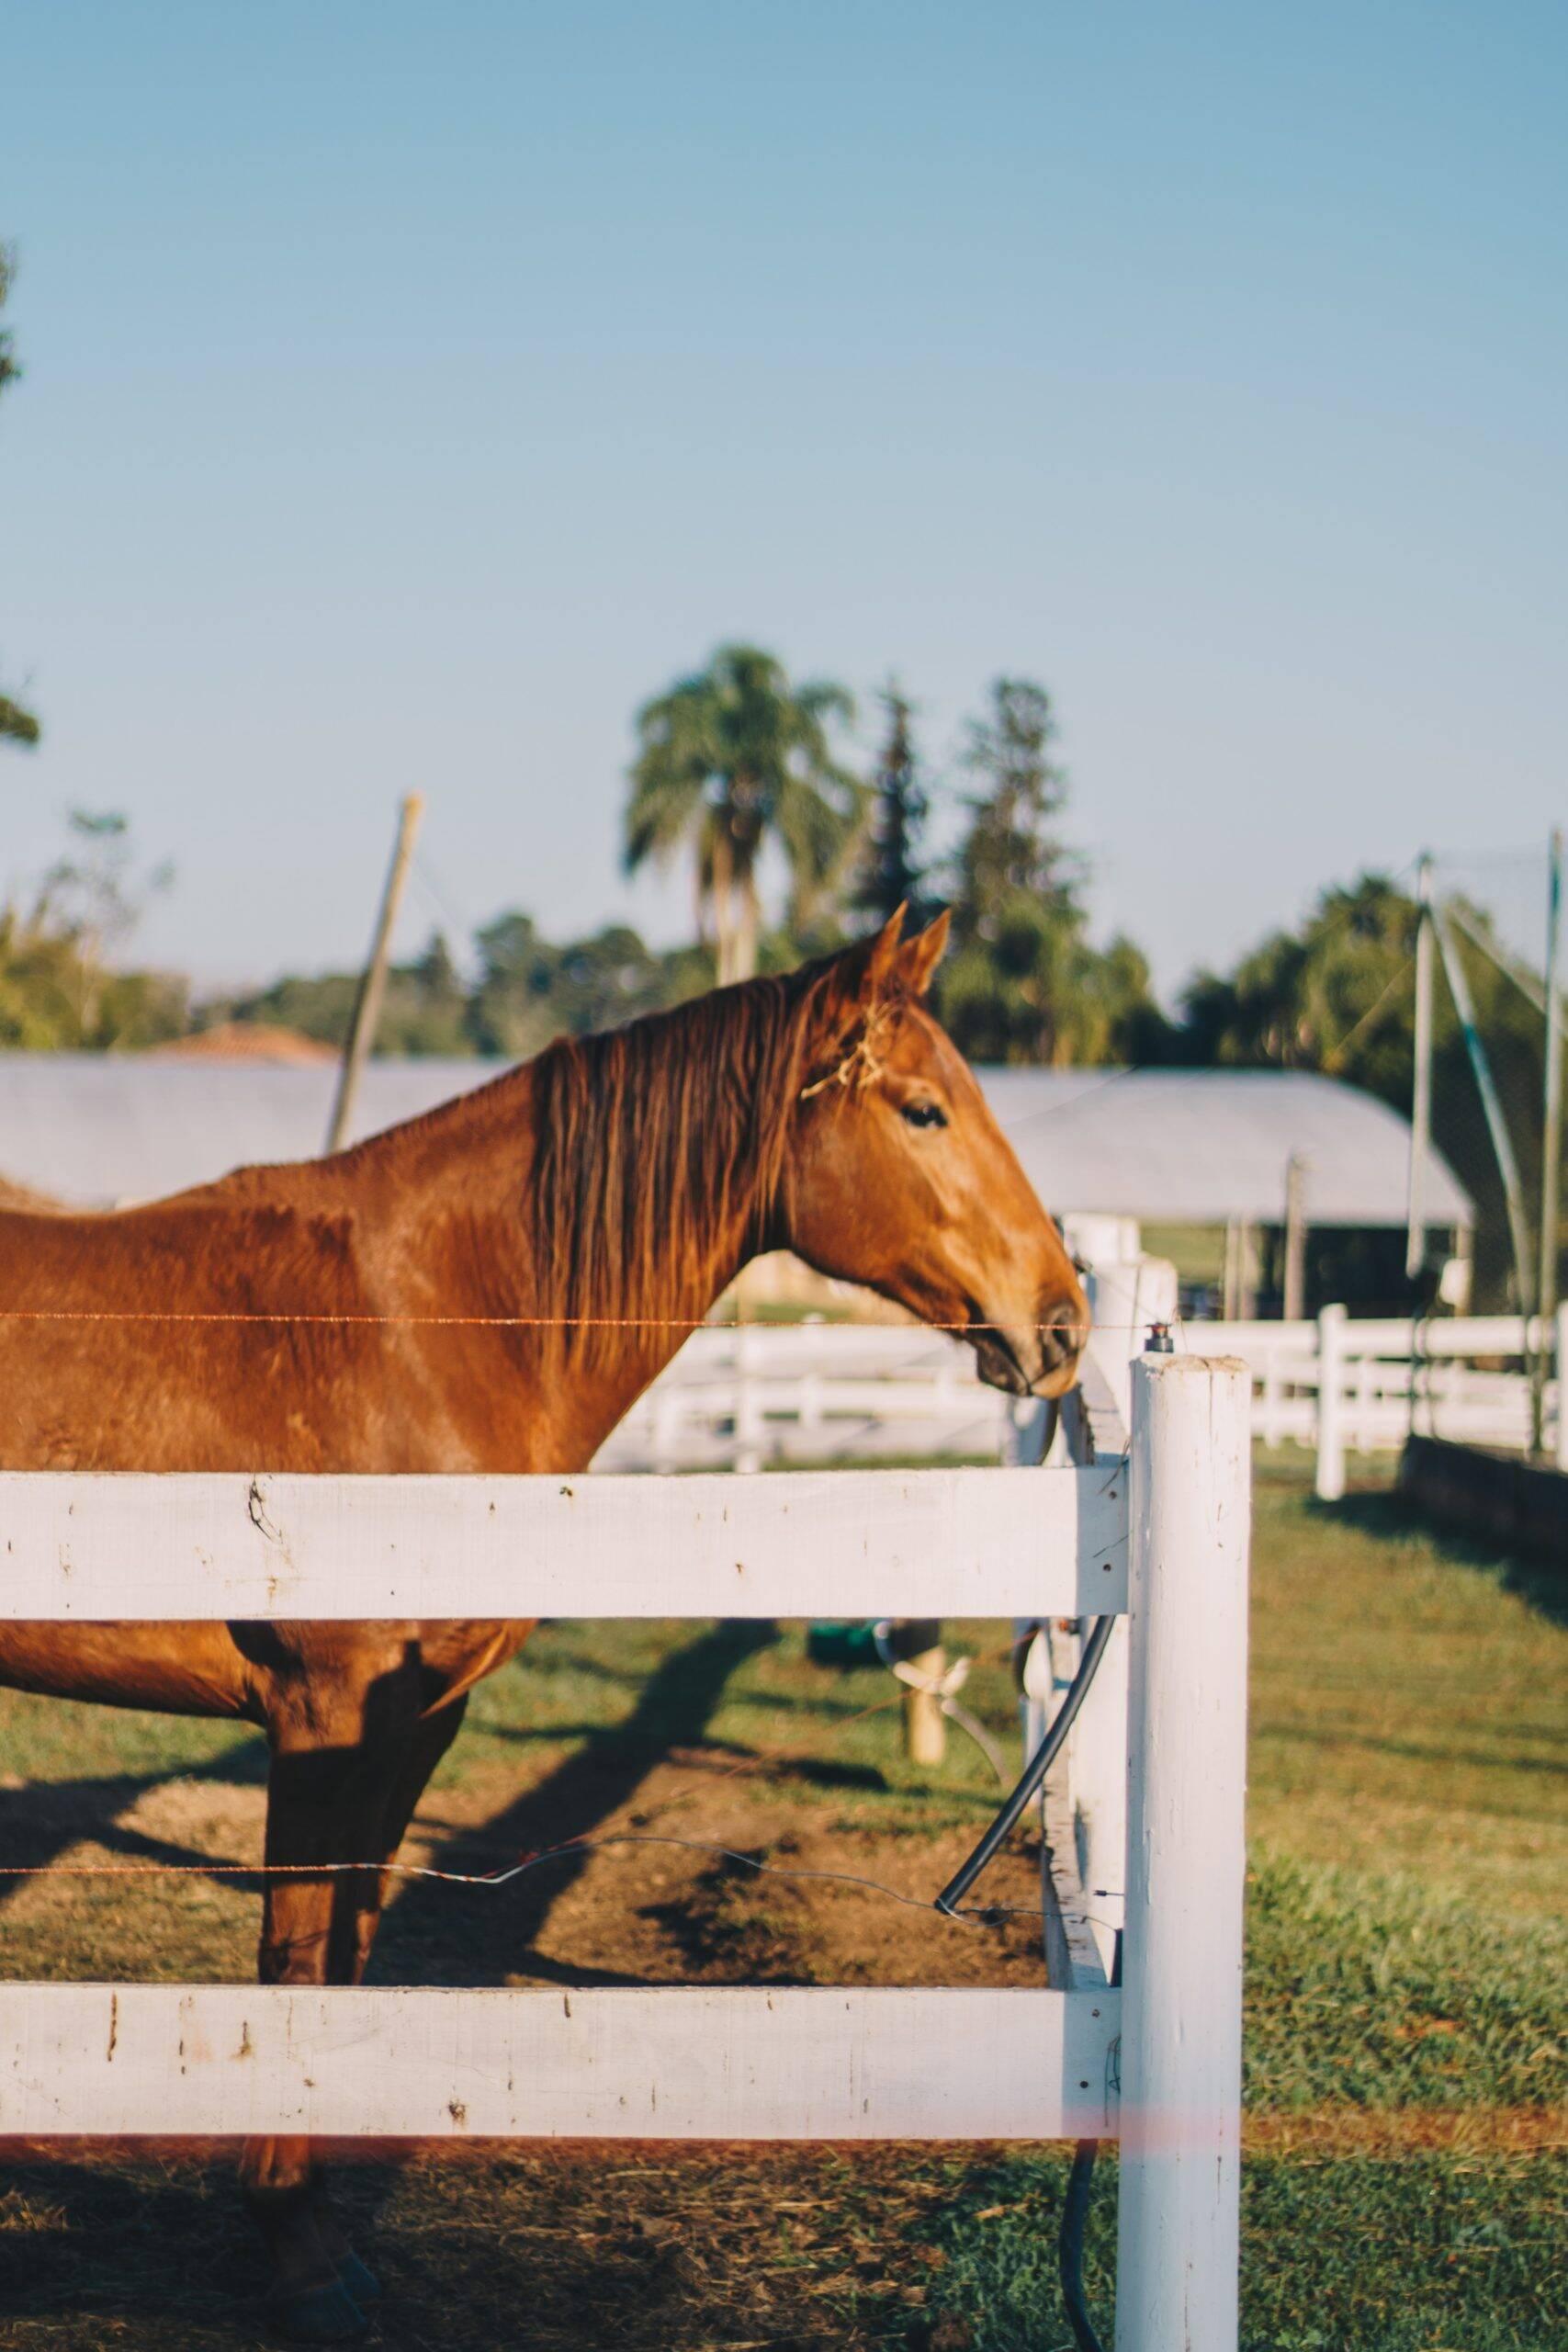 O primeiro surto registrado da doença aconteceu num estábulo em Brsibane, na Austrália. Desde então mais de 70 cavalos e aproximadamente quatro pessoas morreram ao contrair o vírus. (Foto: Unsplash)